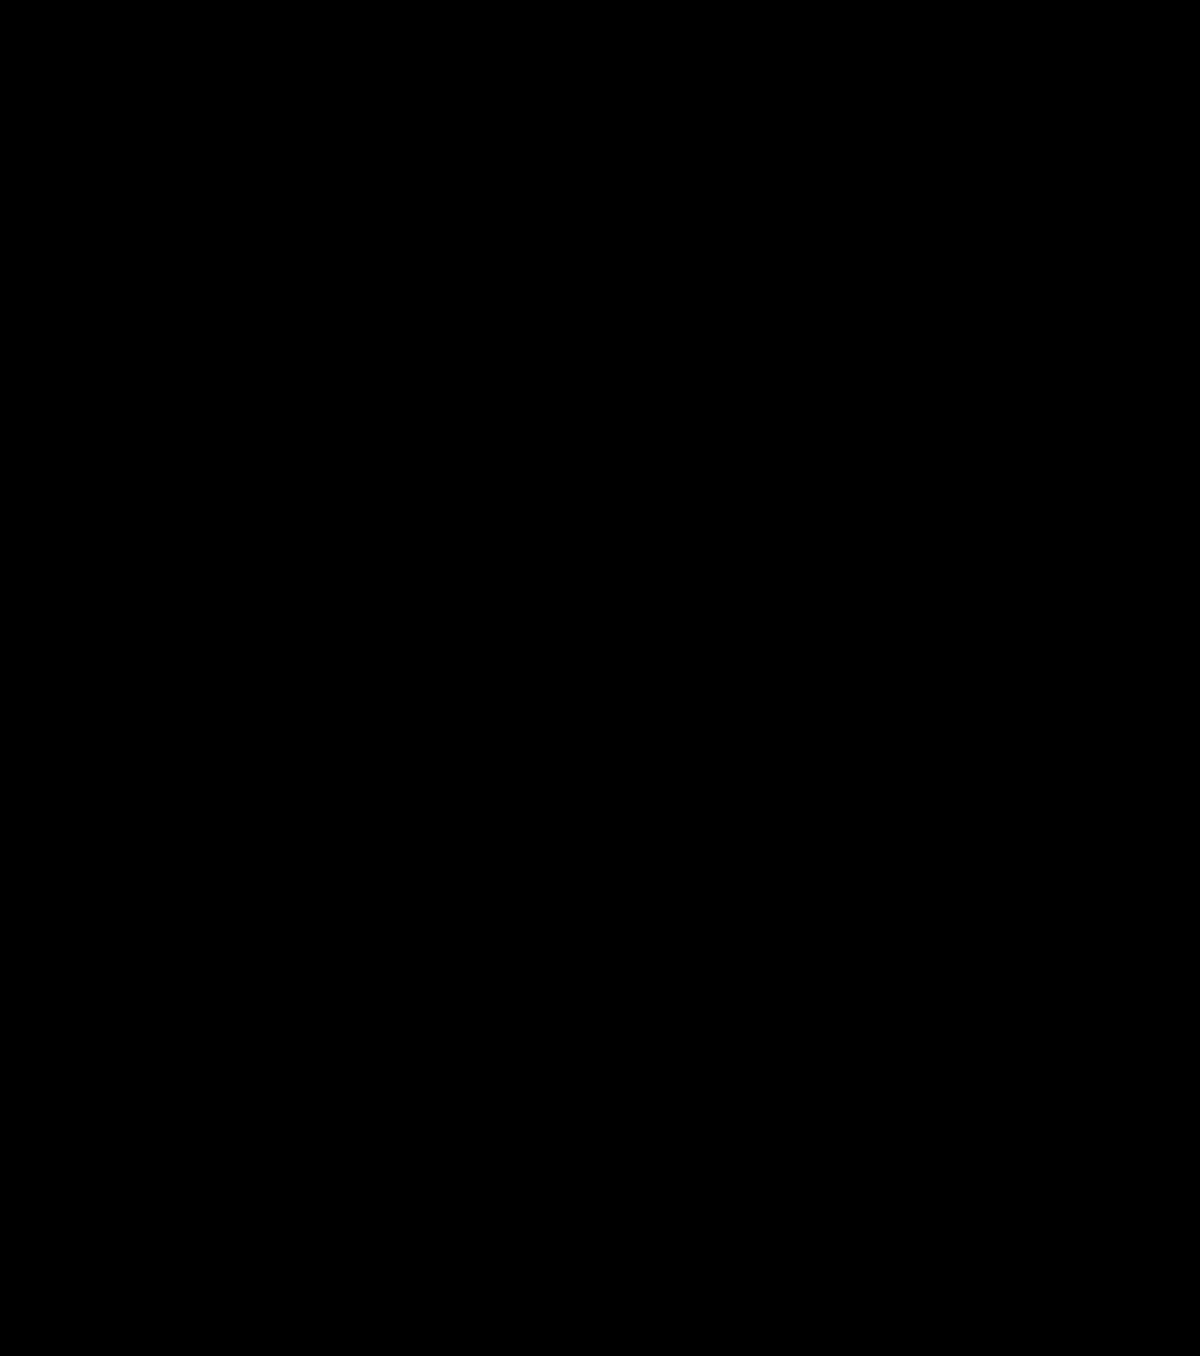 Landsec black logo with no background